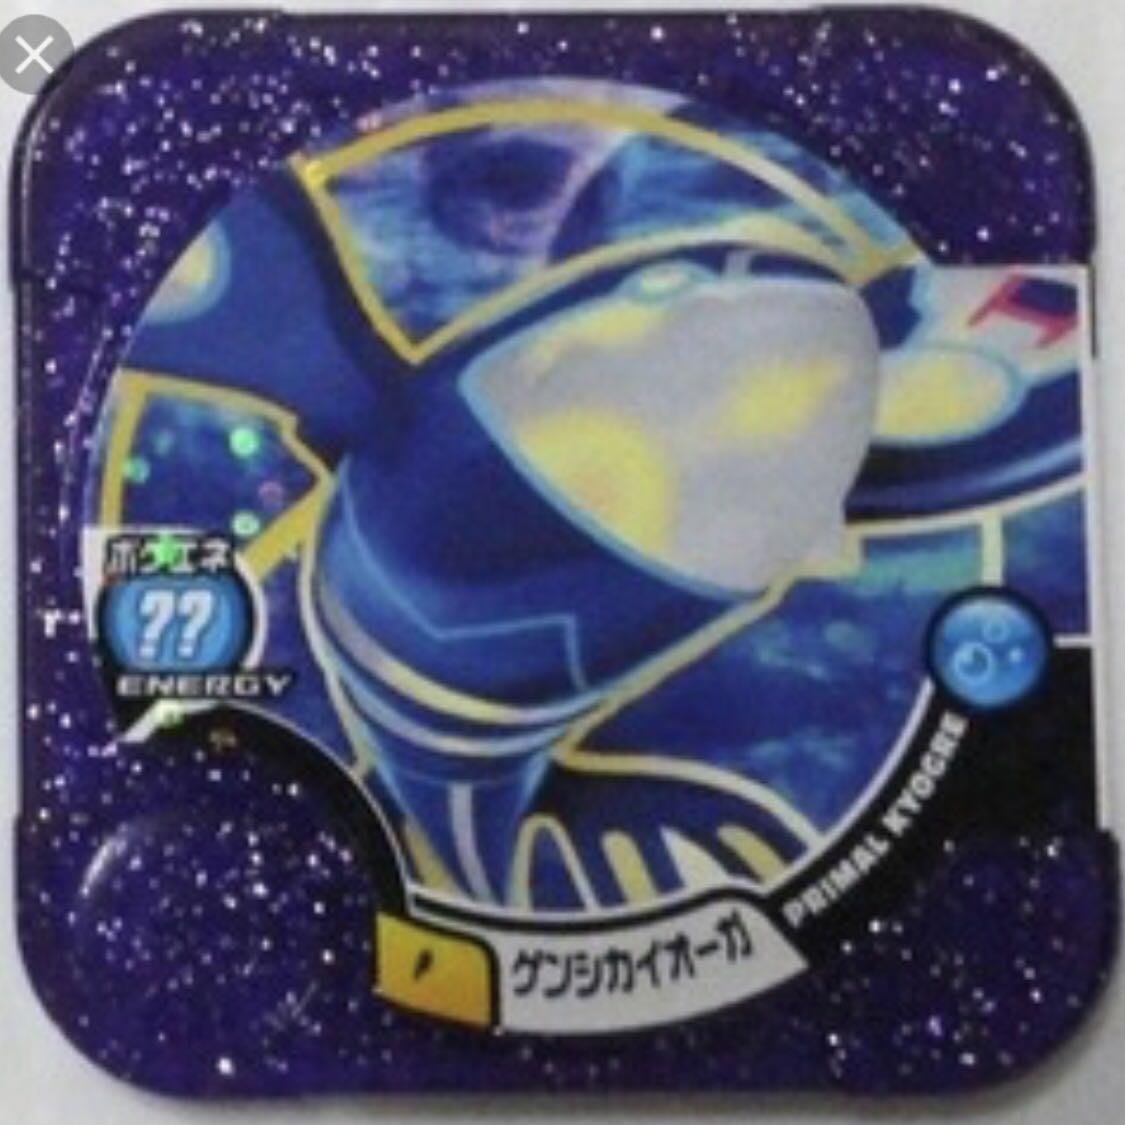 全新美品 拆封入套 冠軍 紫P卡 蓋歐卡 Pokémon Tretta 神奇寶貝卡匣 獎盃 紫閃